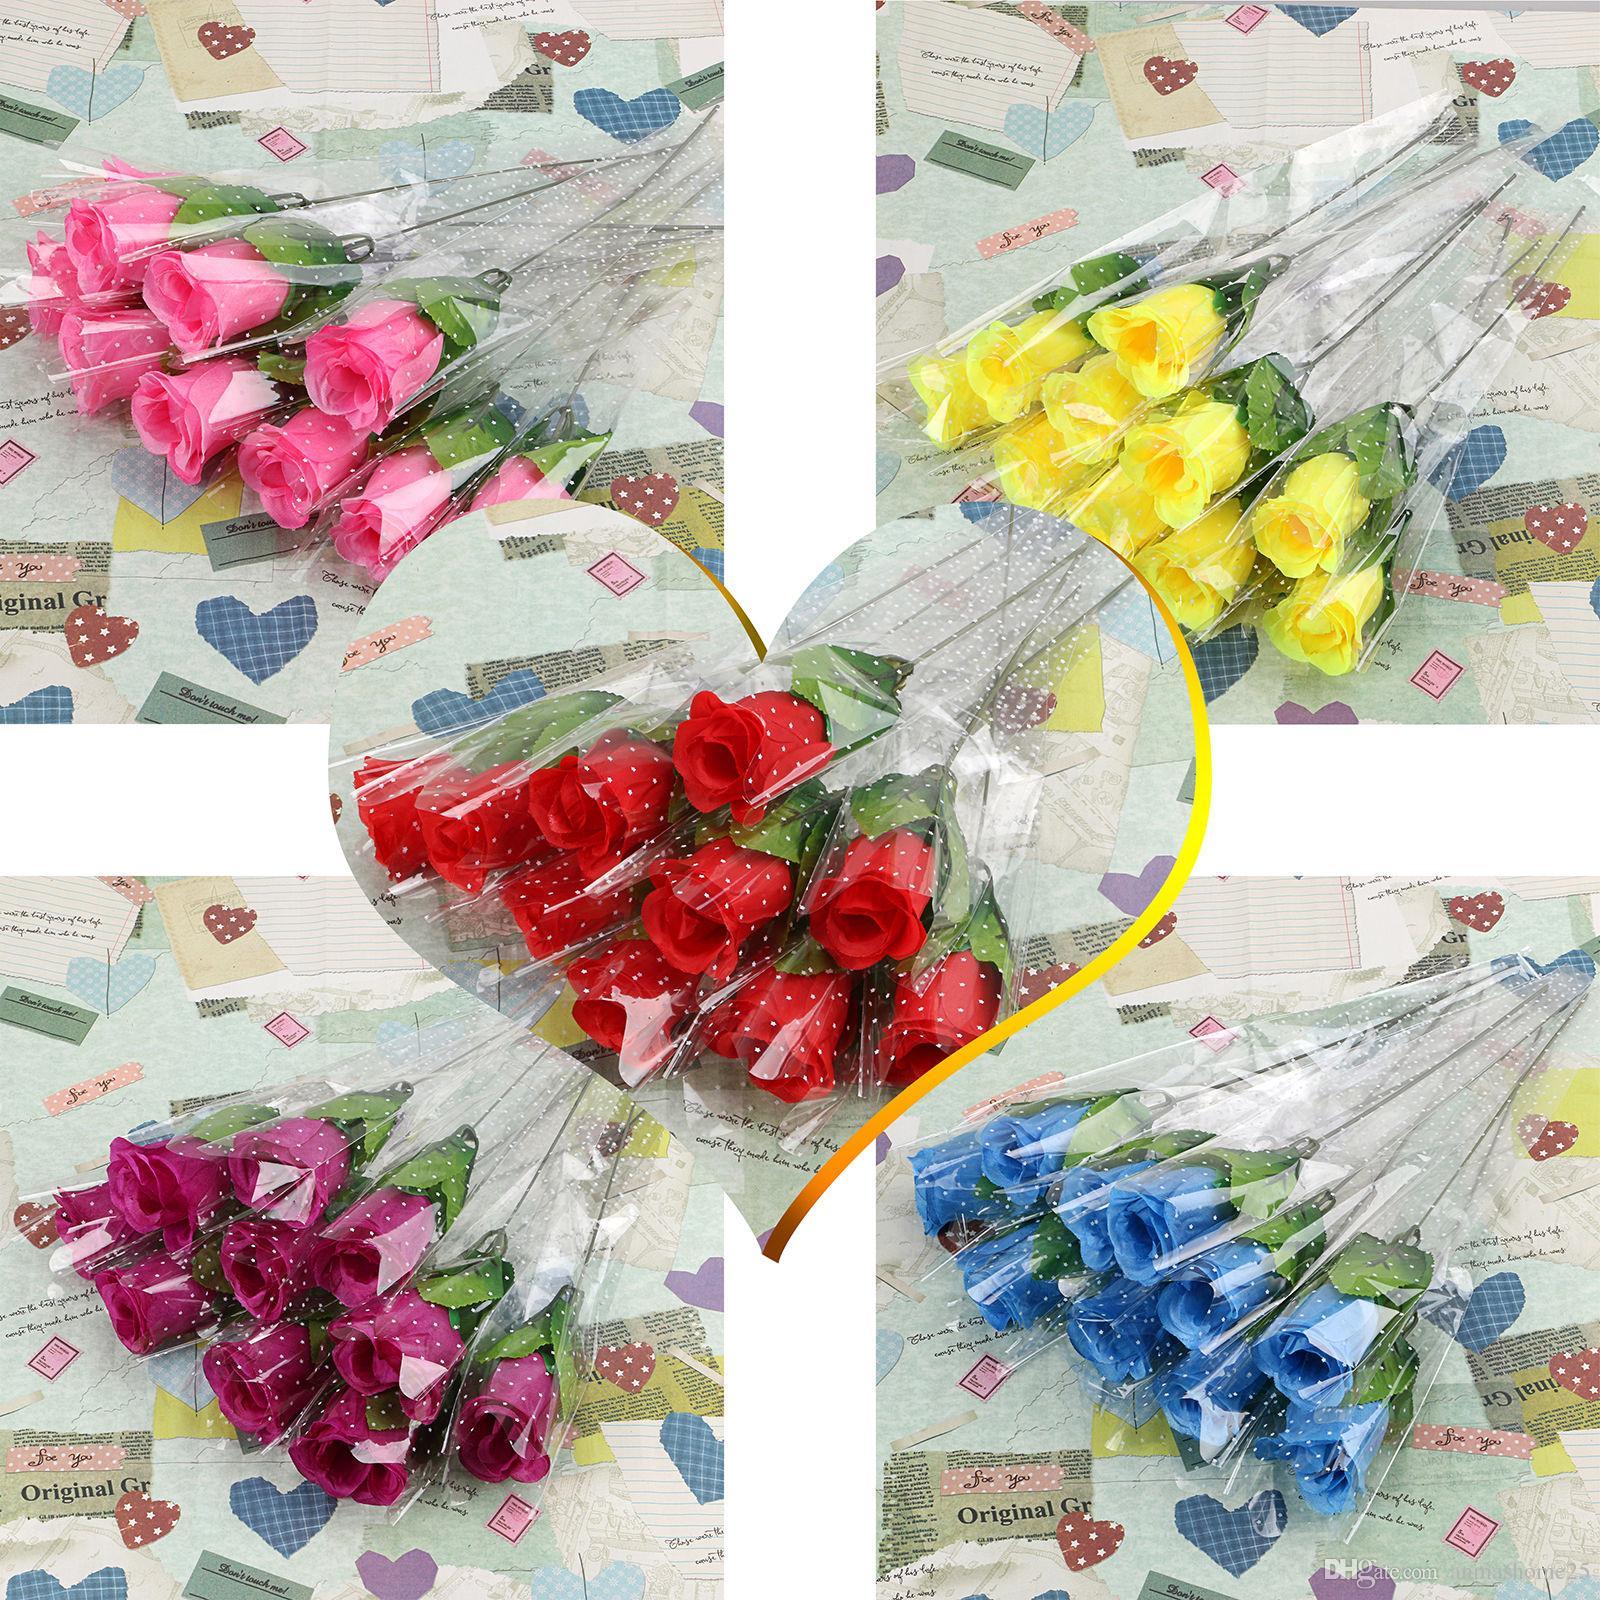 10 PCS un prezzo più basso set! Stelo singolo artificiale Rosa fiori di seta decorazione domestica Fiore Arrangment